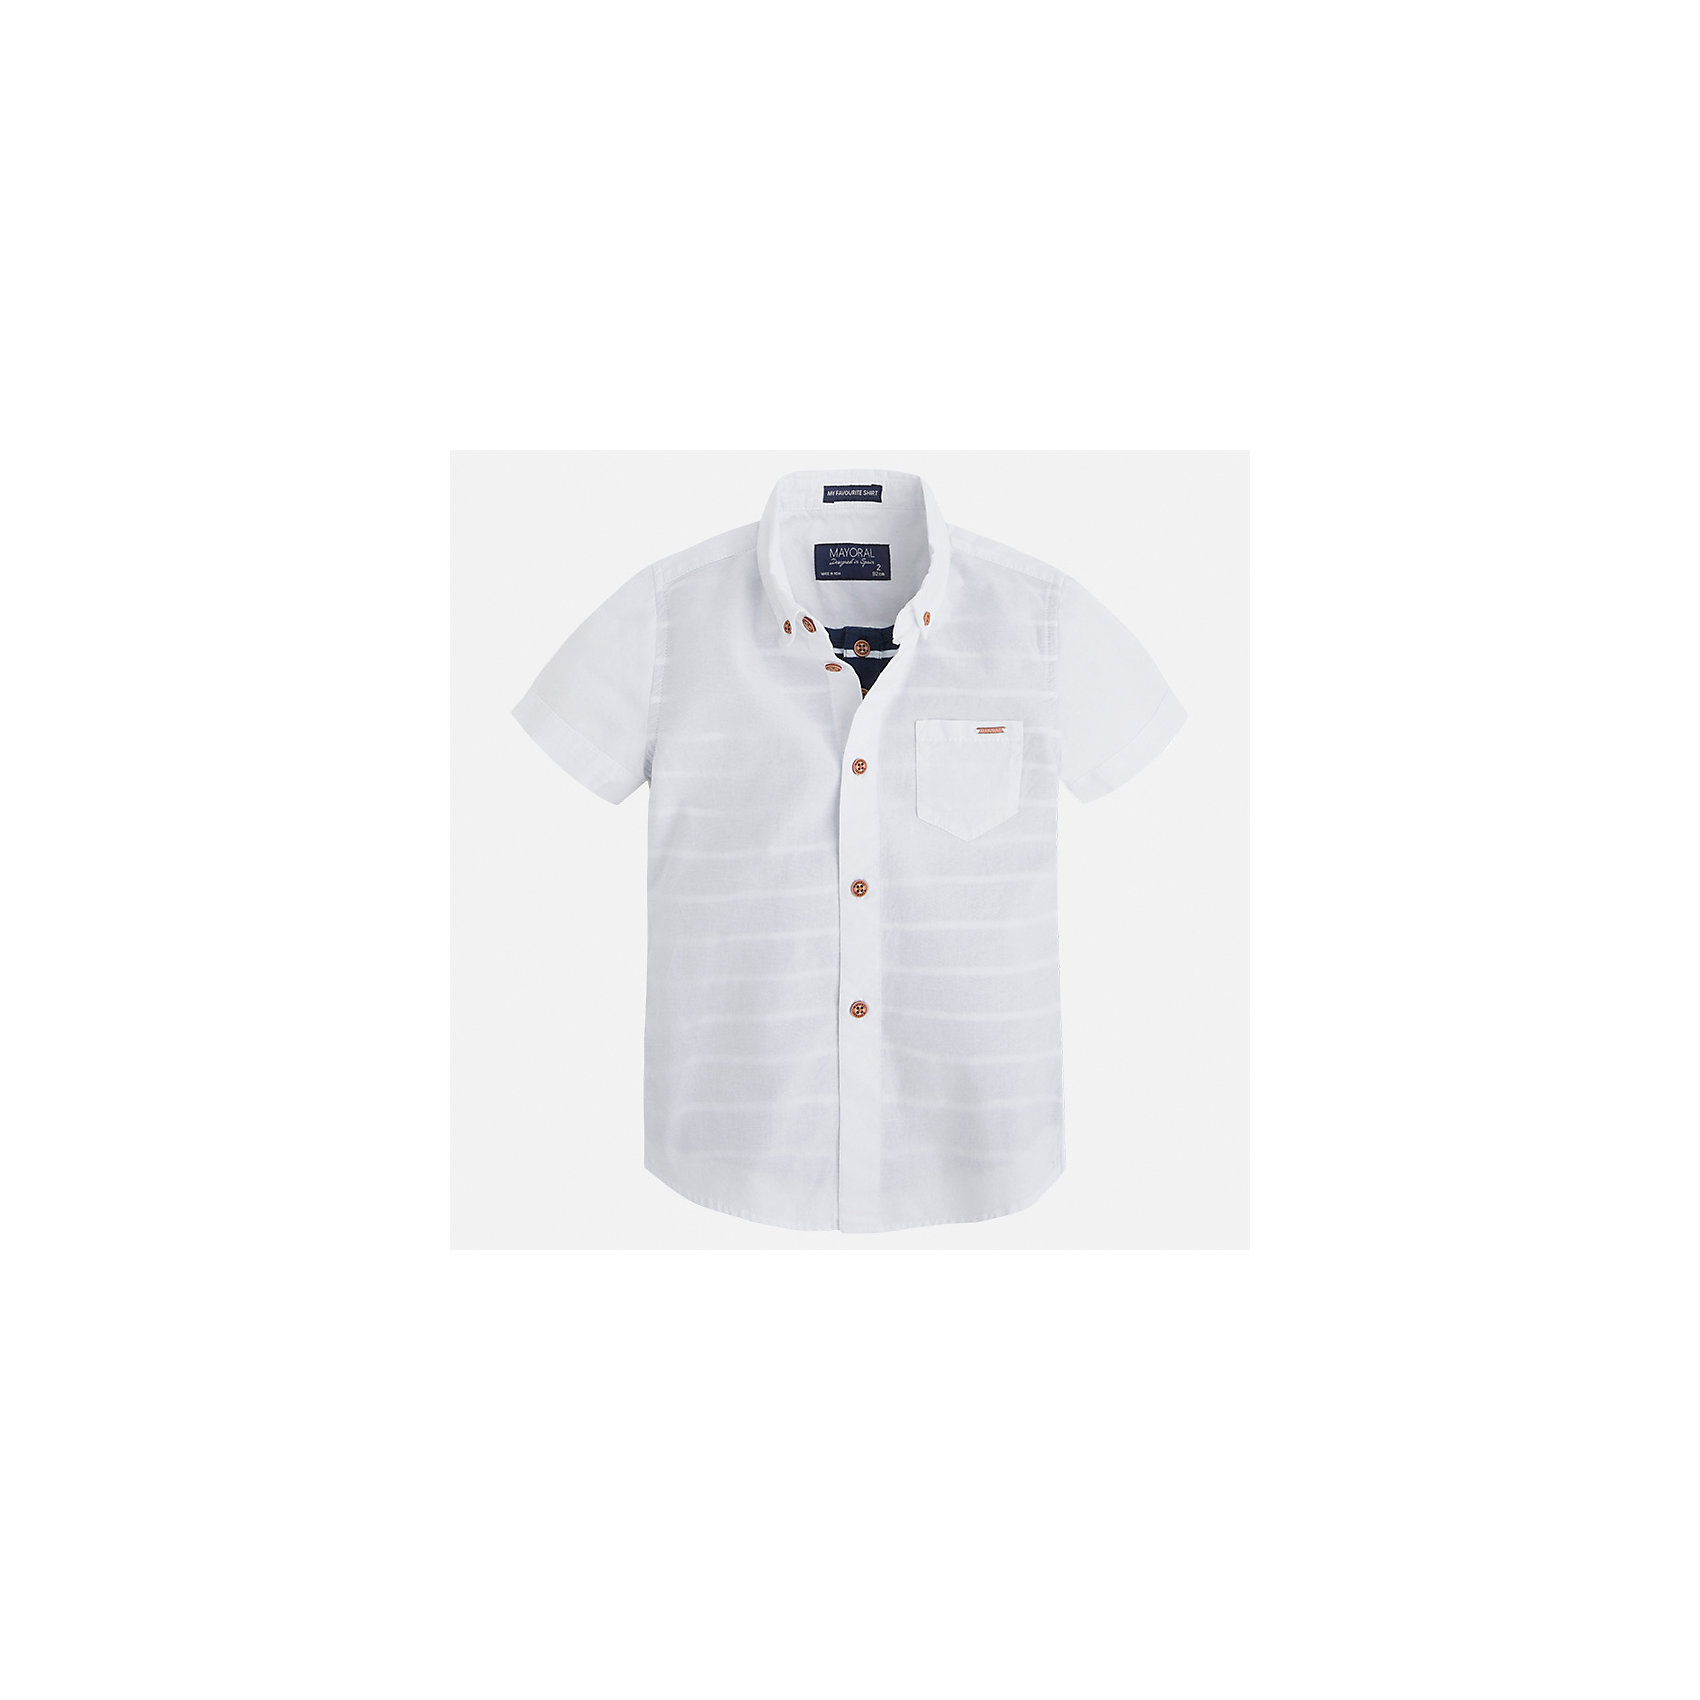 Рубашка для мальчика MayoralБлузки и рубашки<br>Характеристики товара:<br><br>• цвет: белый<br>• состав: 100% хлопок<br>• отложной воротник<br>• короткие рукава<br>• застежка: пуговицы<br>• карман на груди<br>• страна бренда: Испания<br><br>Стильная рубашка для мальчика может стать базовой вещью в гардеробе ребенка. Она отлично сочетается с брюками, шортами, джинсами и т.д. Универсальный крой и цвет позволяет подобрать к вещи низ разных расцветок. Практичное и стильное изделие! В составе материала - только натуральный хлопок, гипоаллергенный, приятный на ощупь, дышащий.<br><br>Одежда, обувь и аксессуары от испанского бренда Mayoral полюбились детям и взрослым по всему миру. Модели этой марки - стильные и удобные. Для их производства используются только безопасные, качественные материалы и фурнитура. Порадуйте ребенка модными и красивыми вещами от Mayoral! <br><br>Рубашку для мальчика от испанского бренда Mayoral (Майорал) можно купить в нашем интернет-магазине.<br><br>Ширина мм: 174<br>Глубина мм: 10<br>Высота мм: 169<br>Вес г: 157<br>Цвет: белый<br>Возраст от месяцев: 36<br>Возраст до месяцев: 48<br>Пол: Мужской<br>Возраст: Детский<br>Размер: 104,92,98,110,116,122,128,134<br>SKU: 5272306